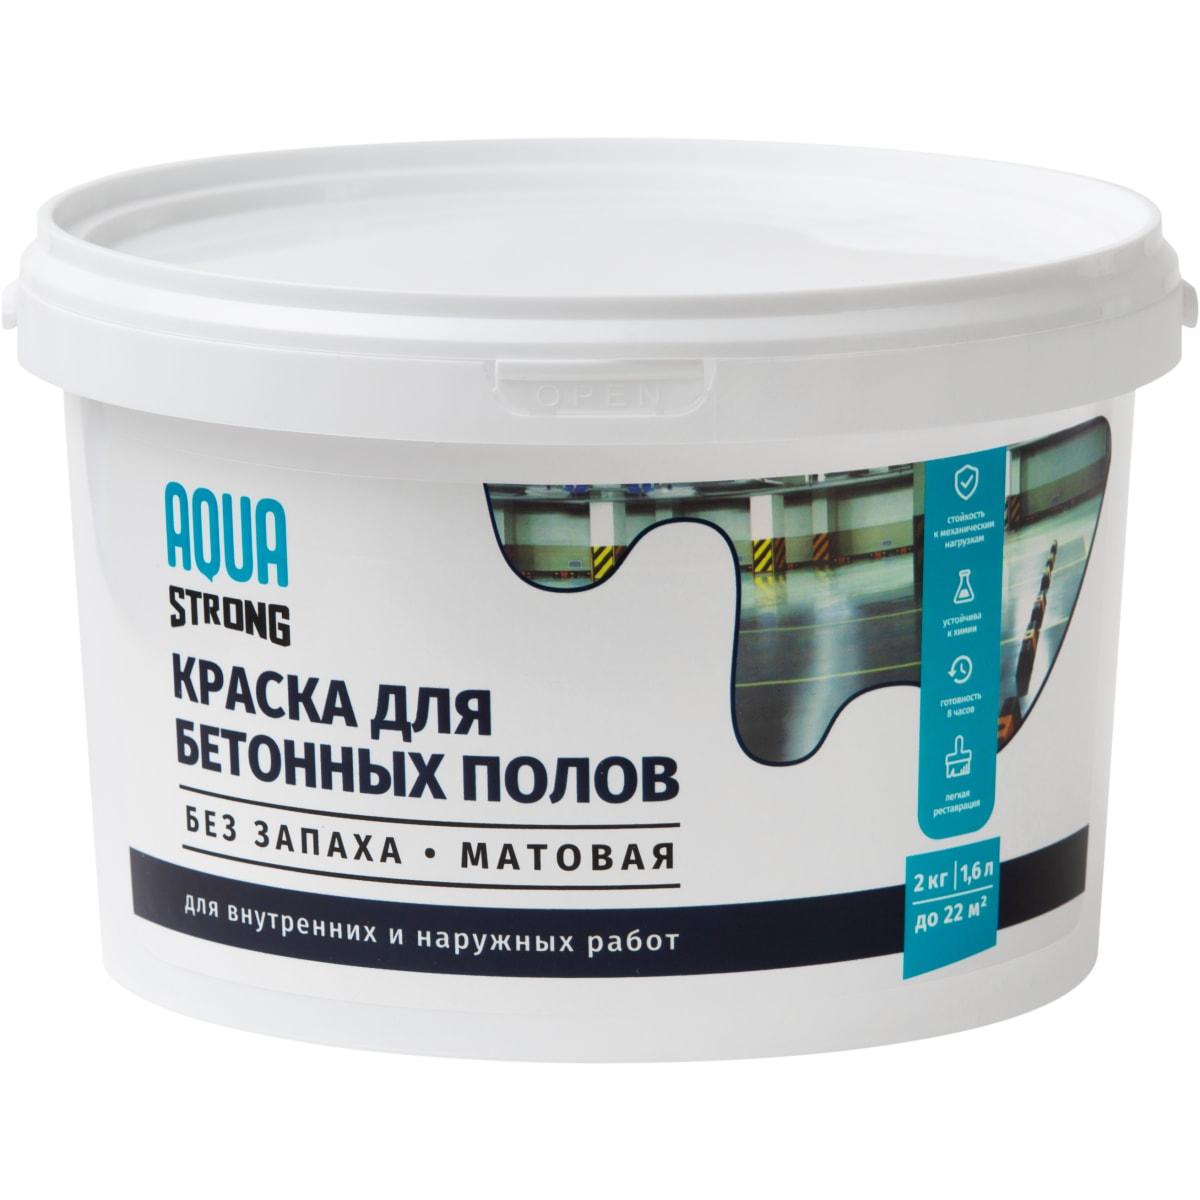 Краска для бетона купить в леруа мерлен цена раствор готовый кладочный цементный марки 200 сертификат соответствия